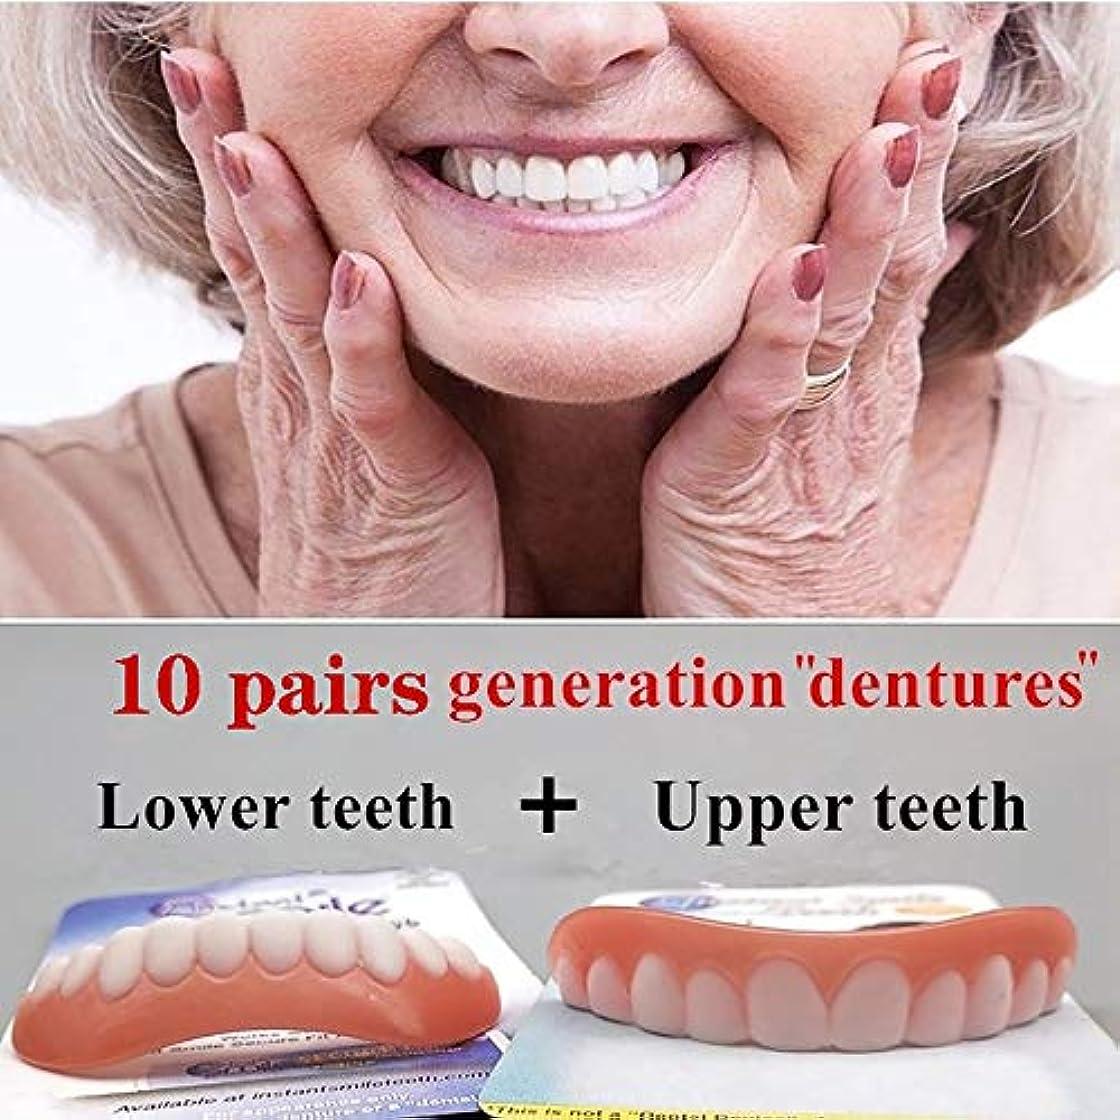 ストロー変形する置換20個の歯の快適さフィットフレックス化粧品の歯義歯の歯のトップ化粧品のベニヤシミュレーションブレース新しい